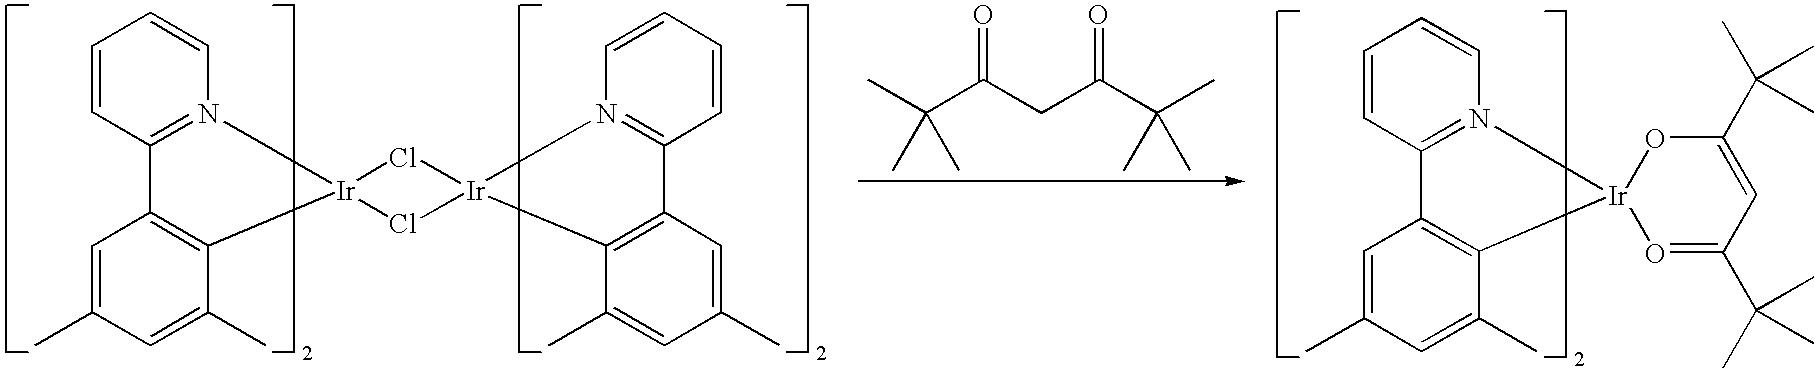 Figure US08519130-20130827-C00183